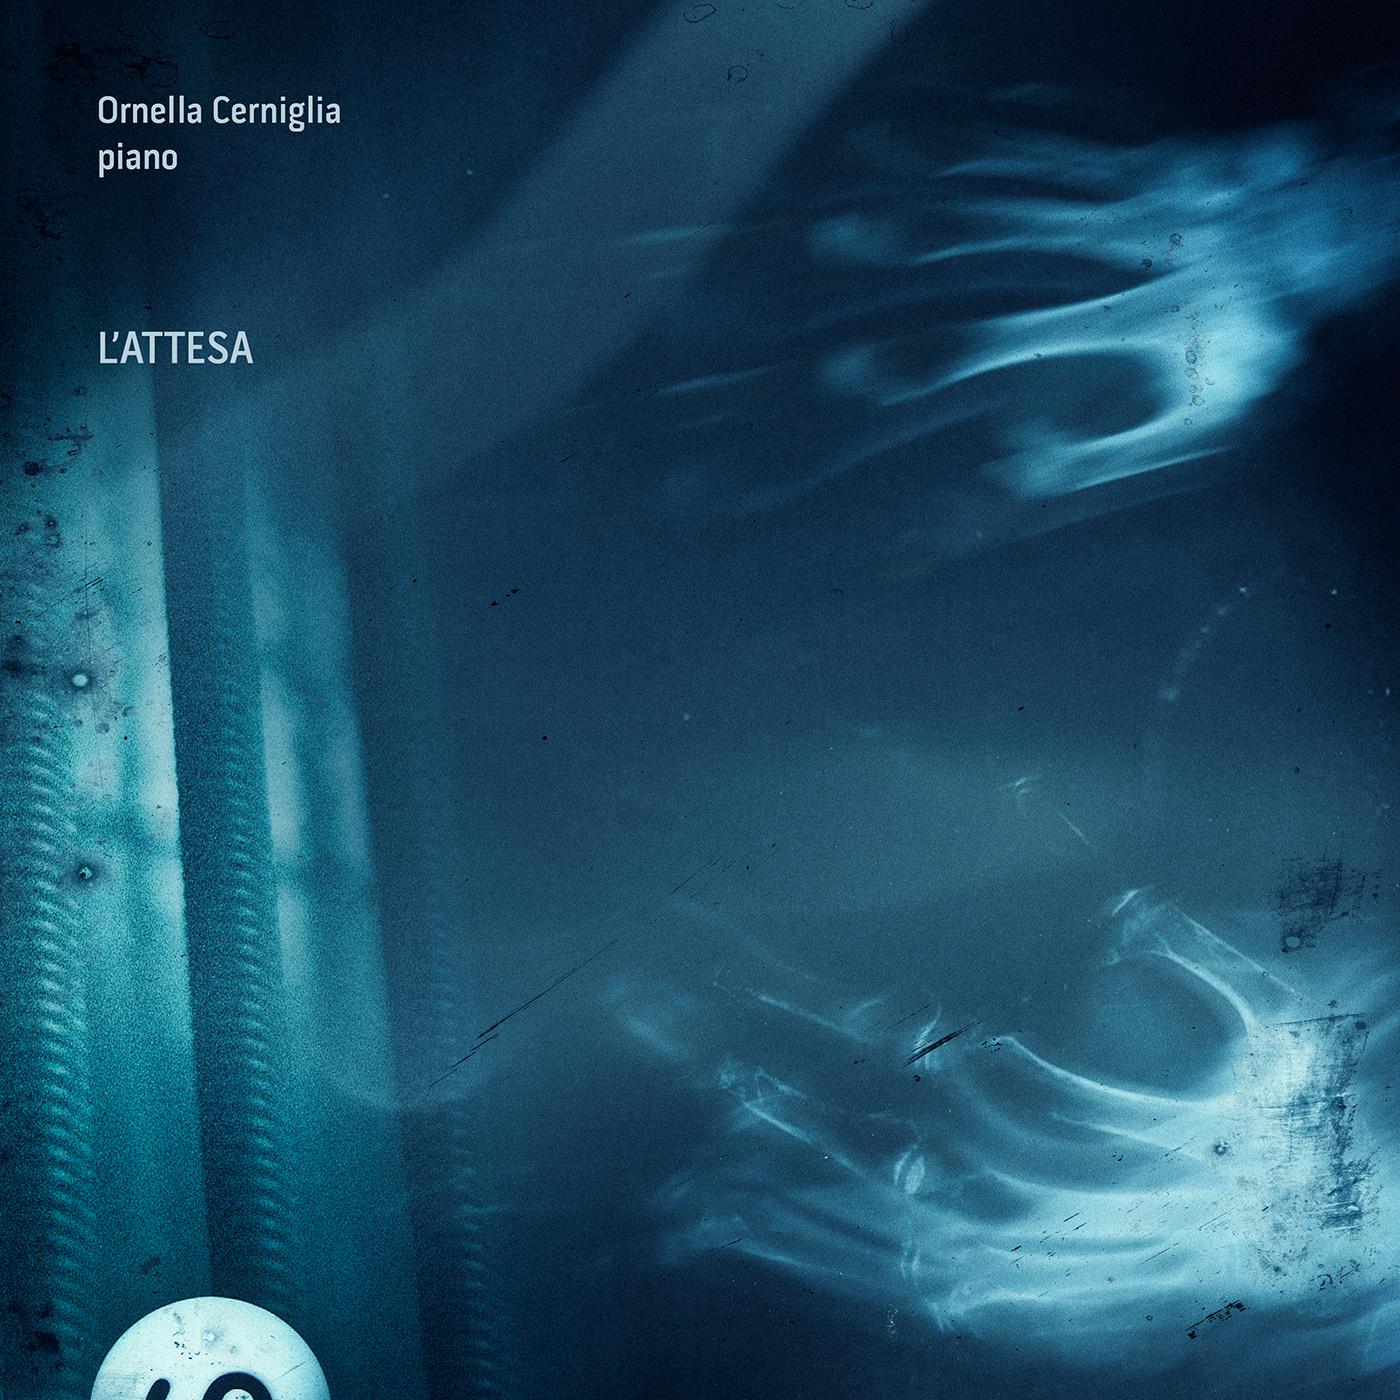 Ornella Cerniglia - L'attesa - album cover